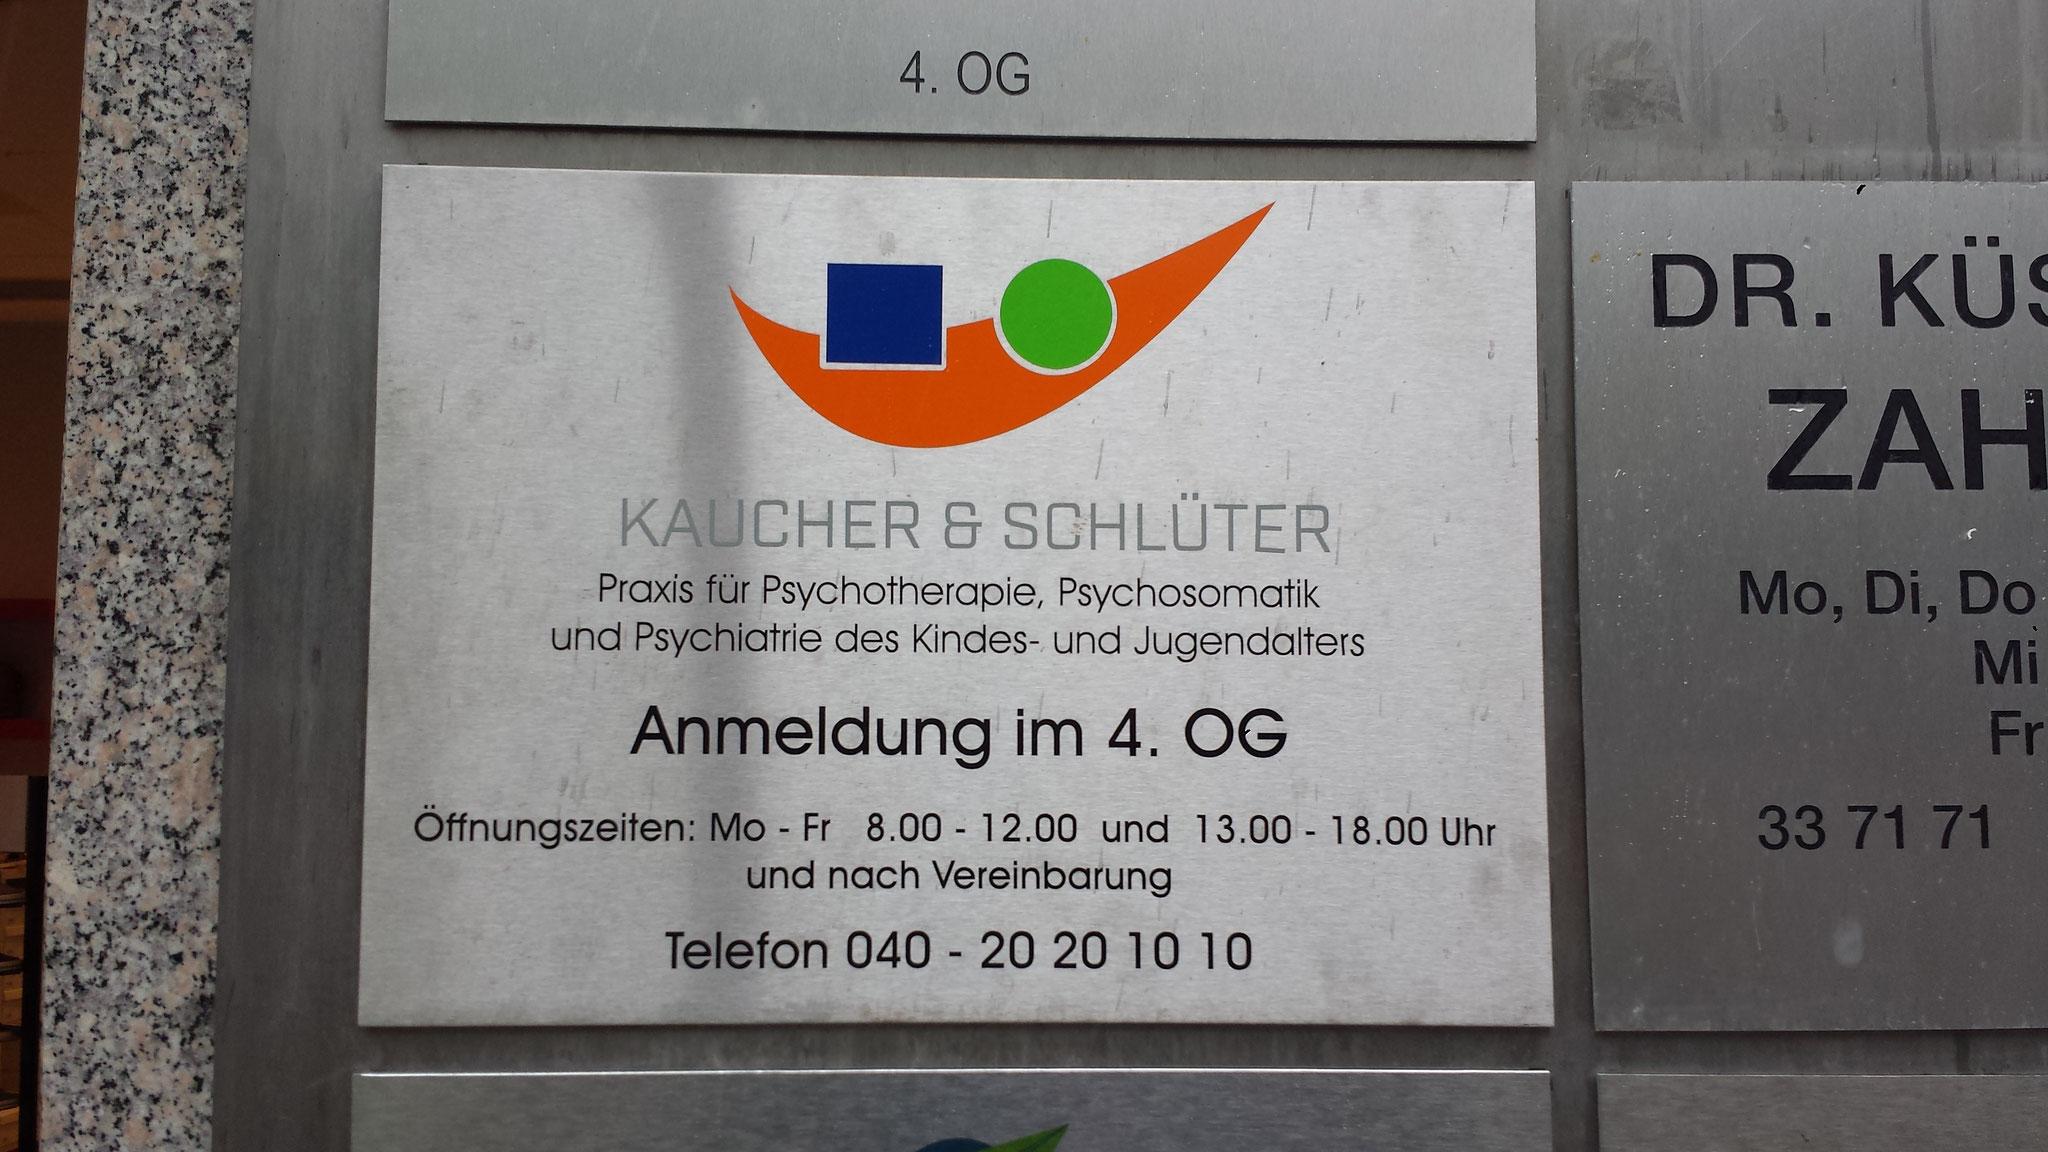 Praxisschild Arztschilder aus Plexiglas Acrylglas Hamburg Schilder